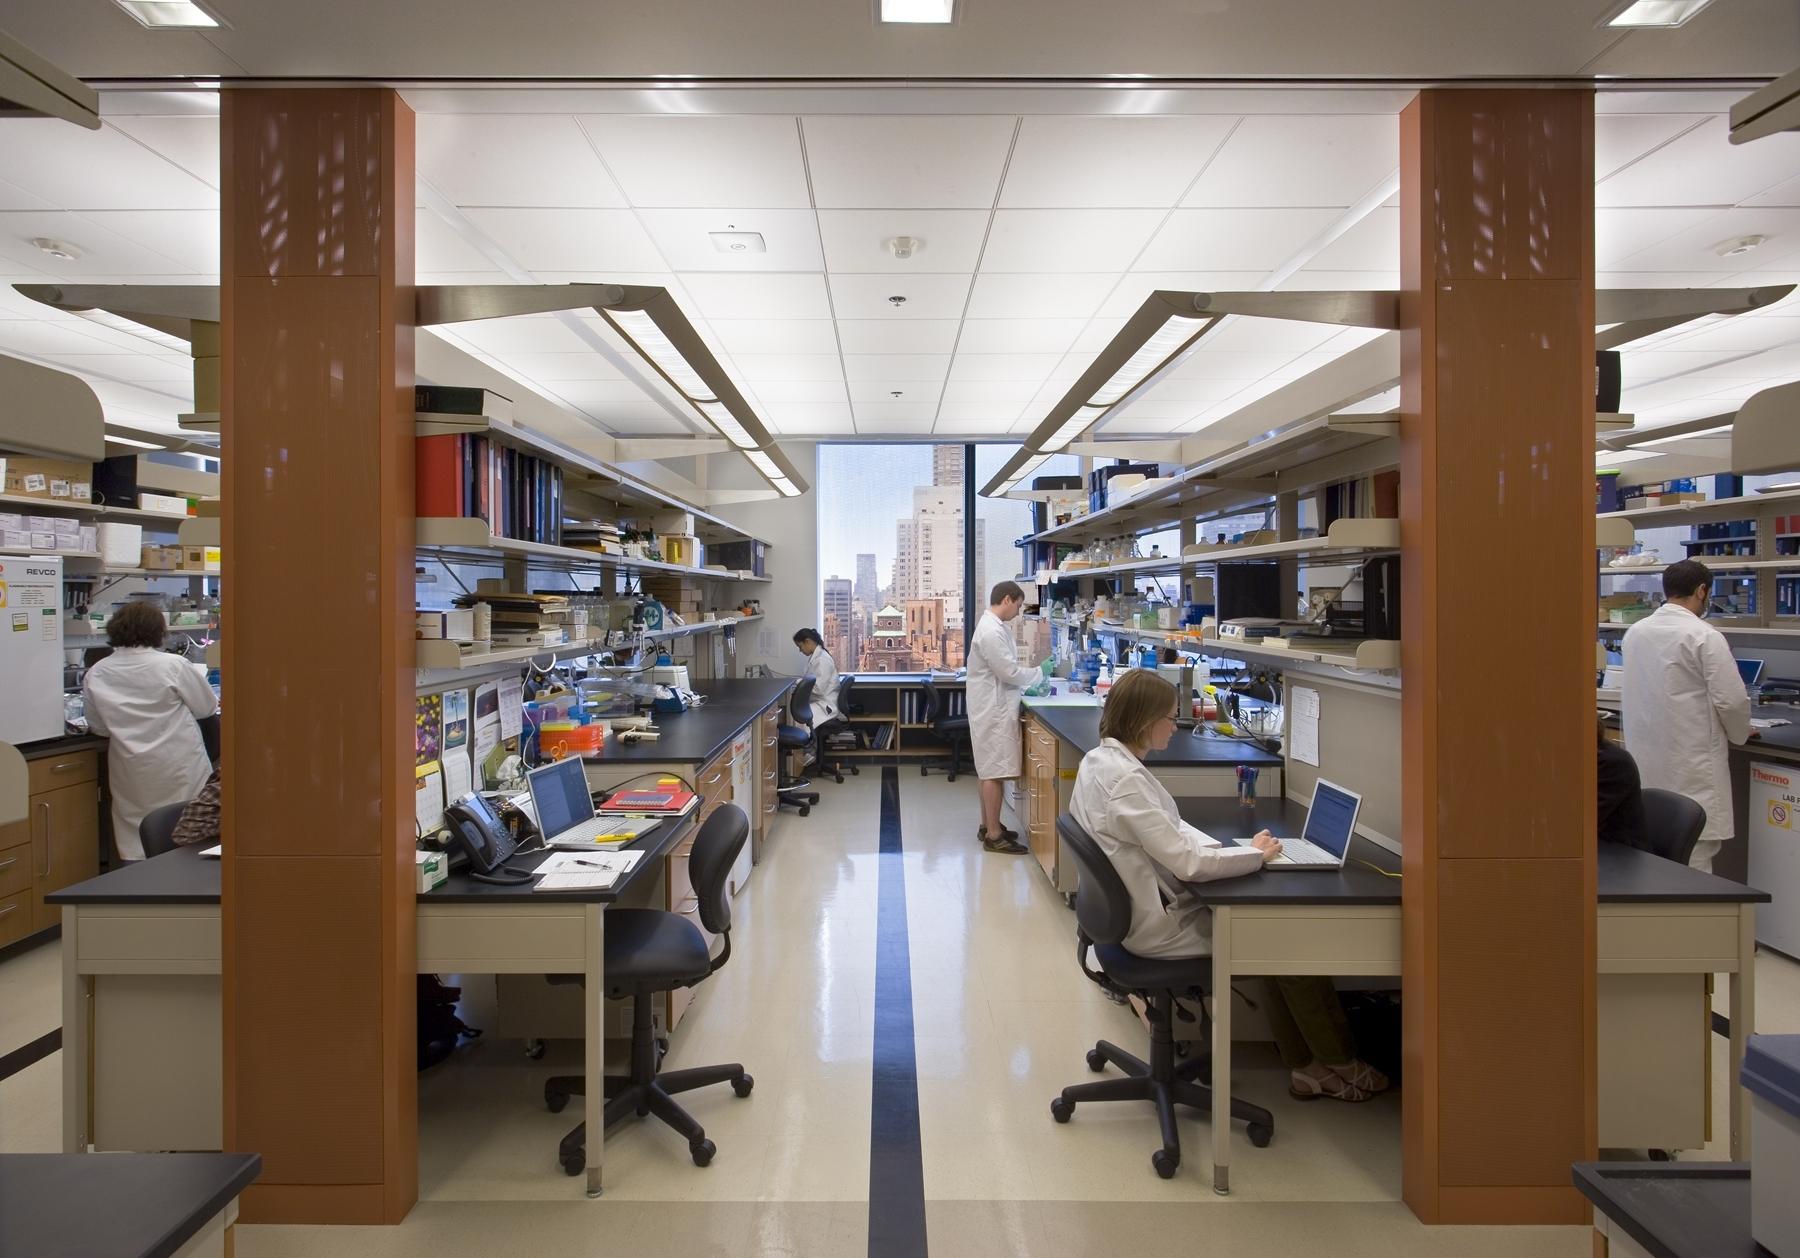 memorial-sloak-kettering-cancer-center-lab